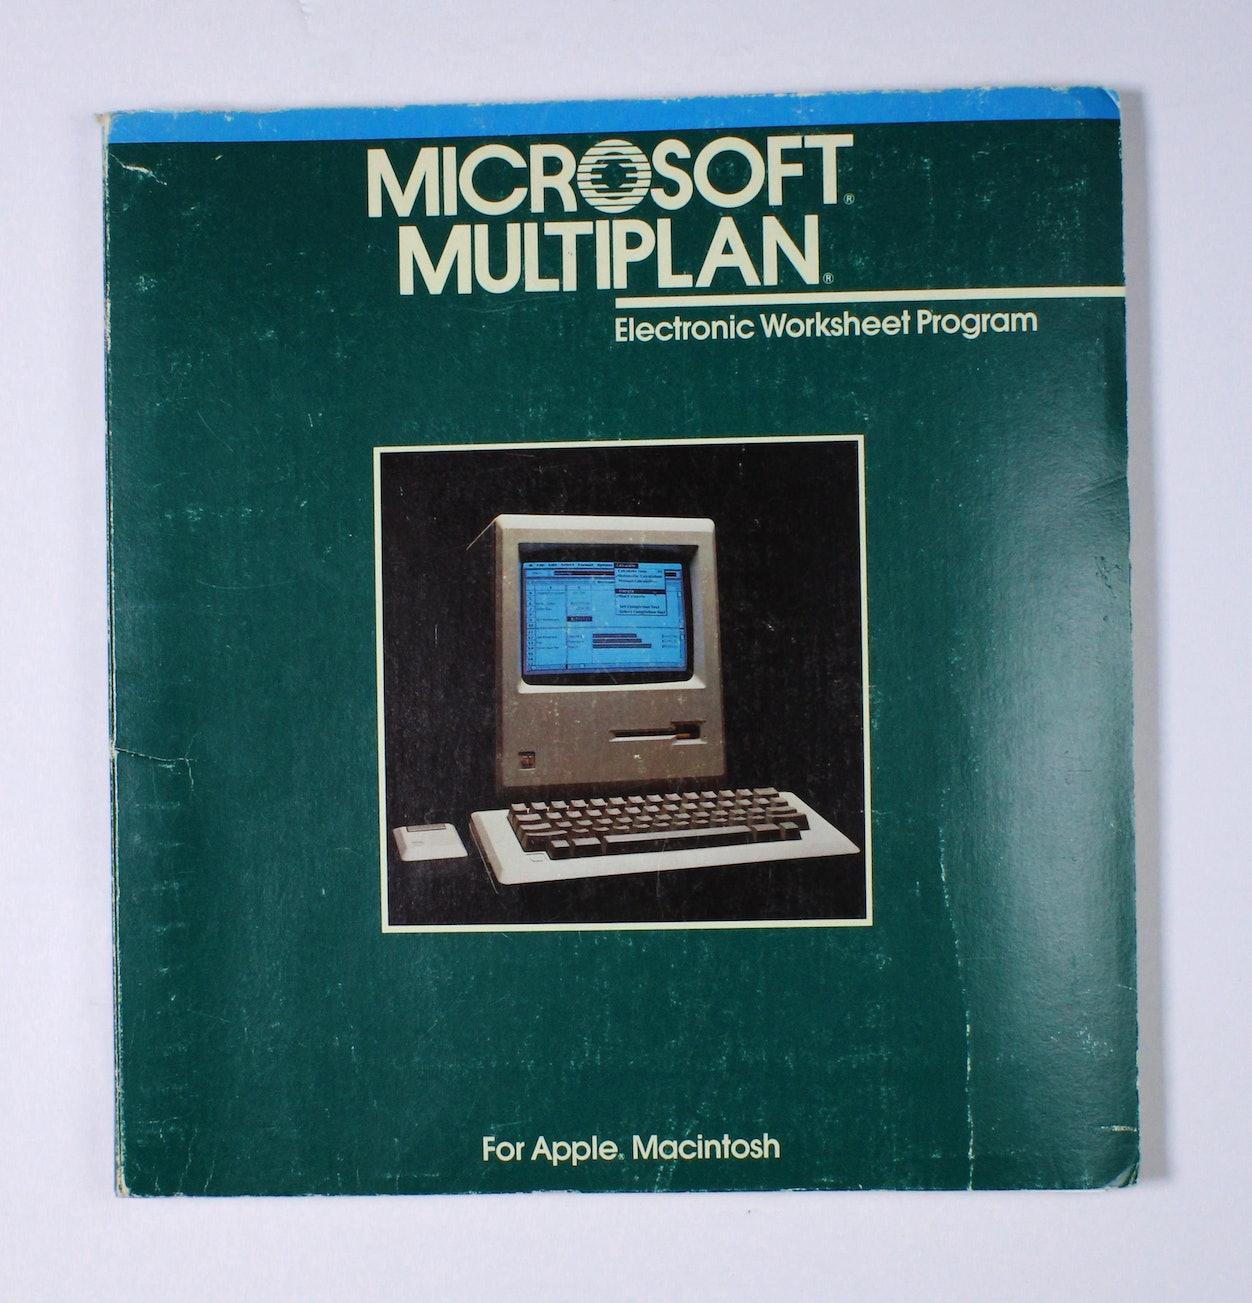 Macintosh - Microsoft Multiplan - Electronic Worksheet Program (Manual)